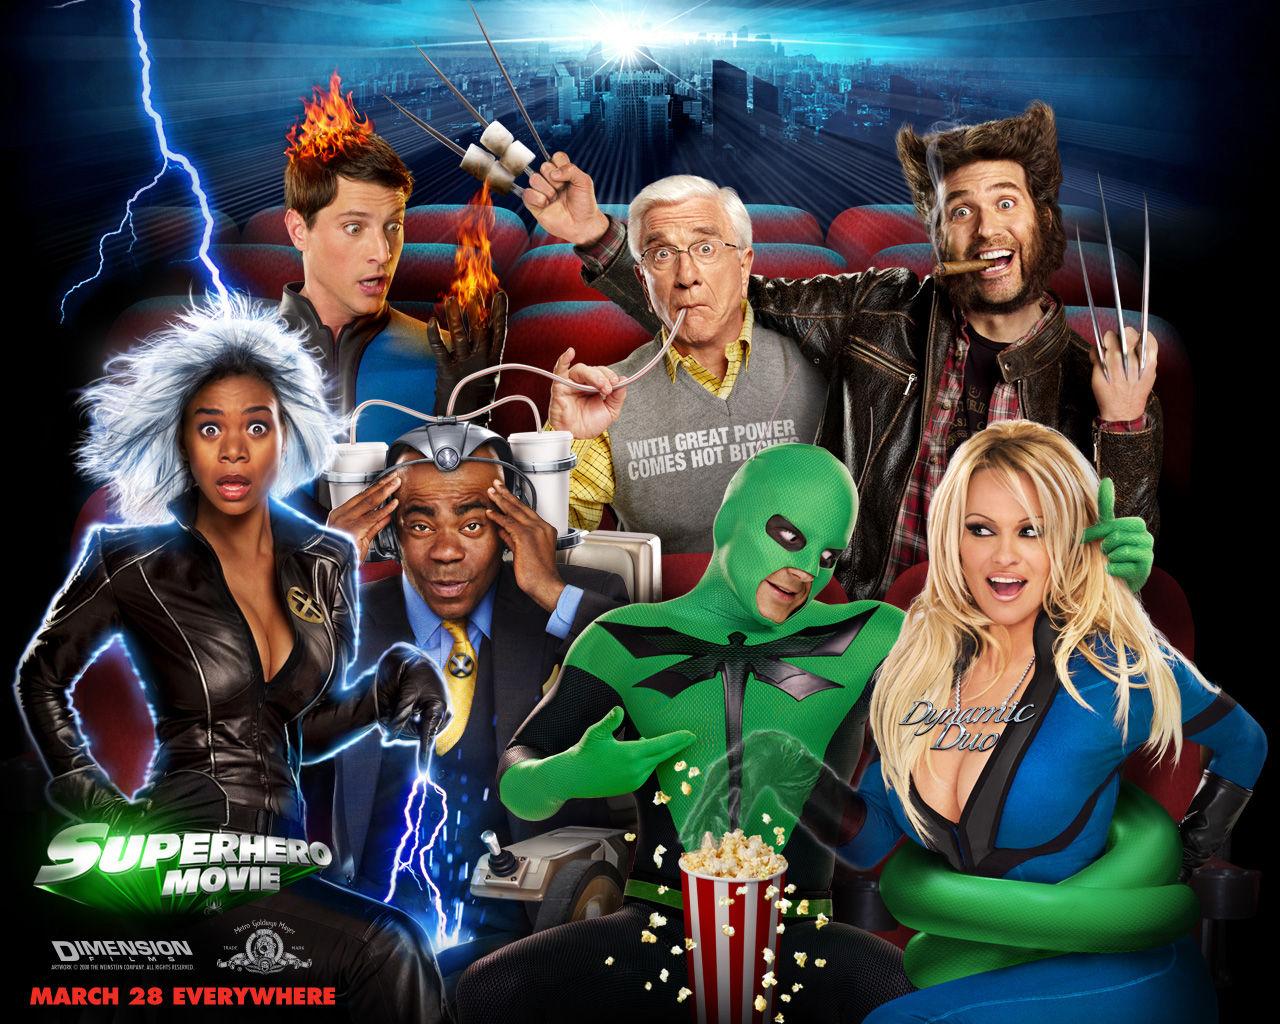 superhero movie wallpaper 10012744 size 1280x1024 more superhero movie 1280x1024